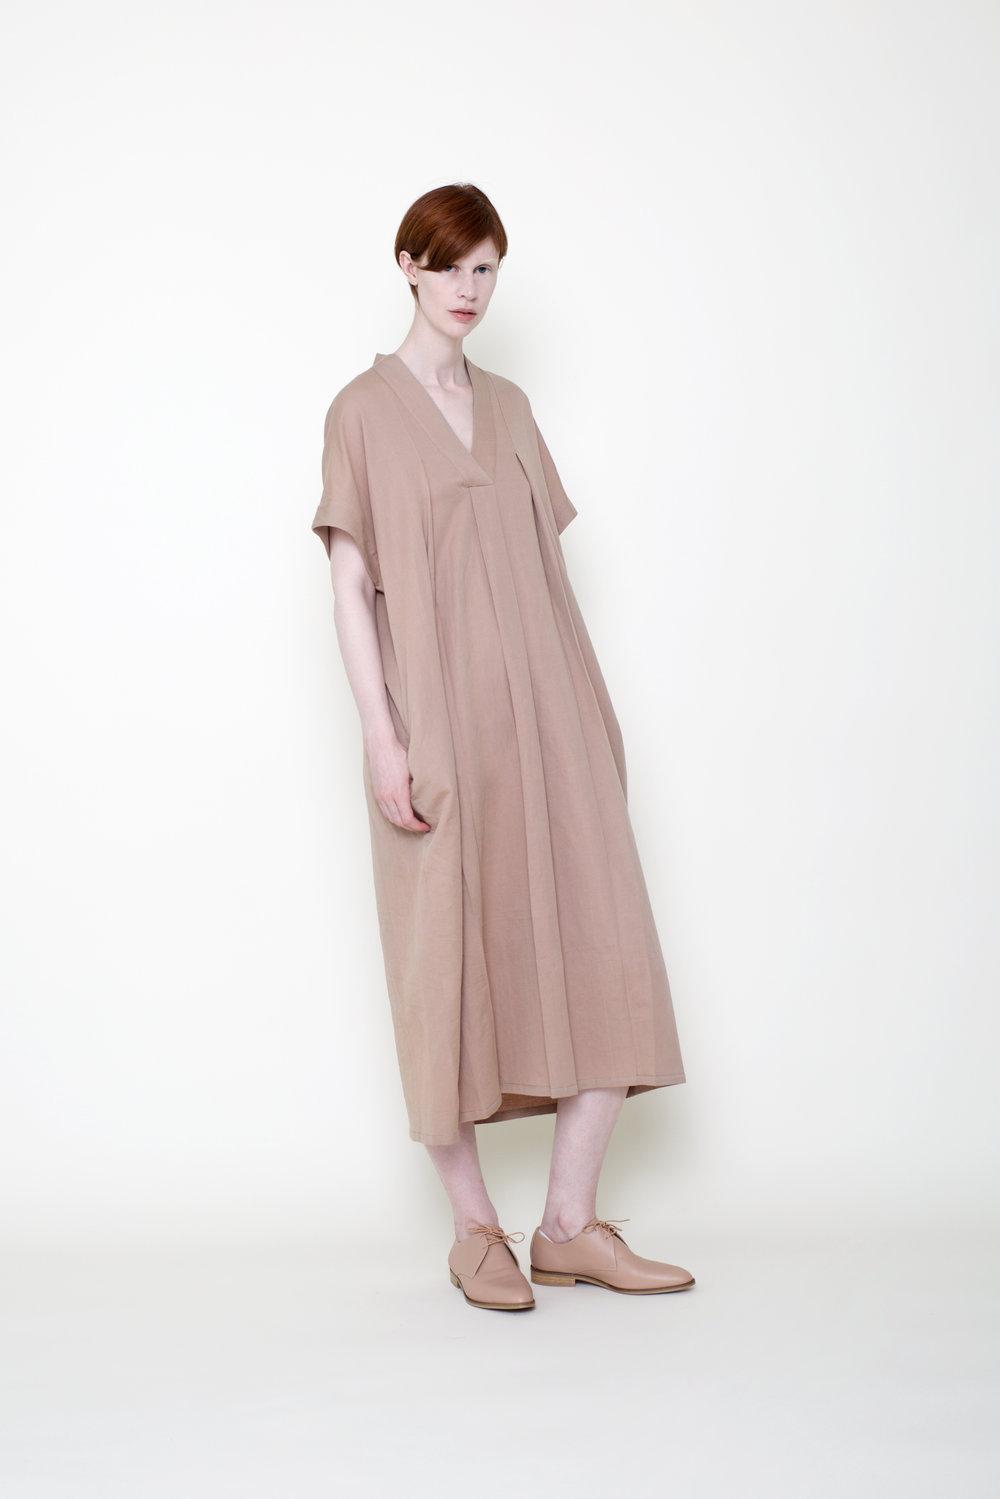 XcoBRz1QiyoKpA5Abg4u_7115_SS18Editorial_Hanbok Dress.jpg